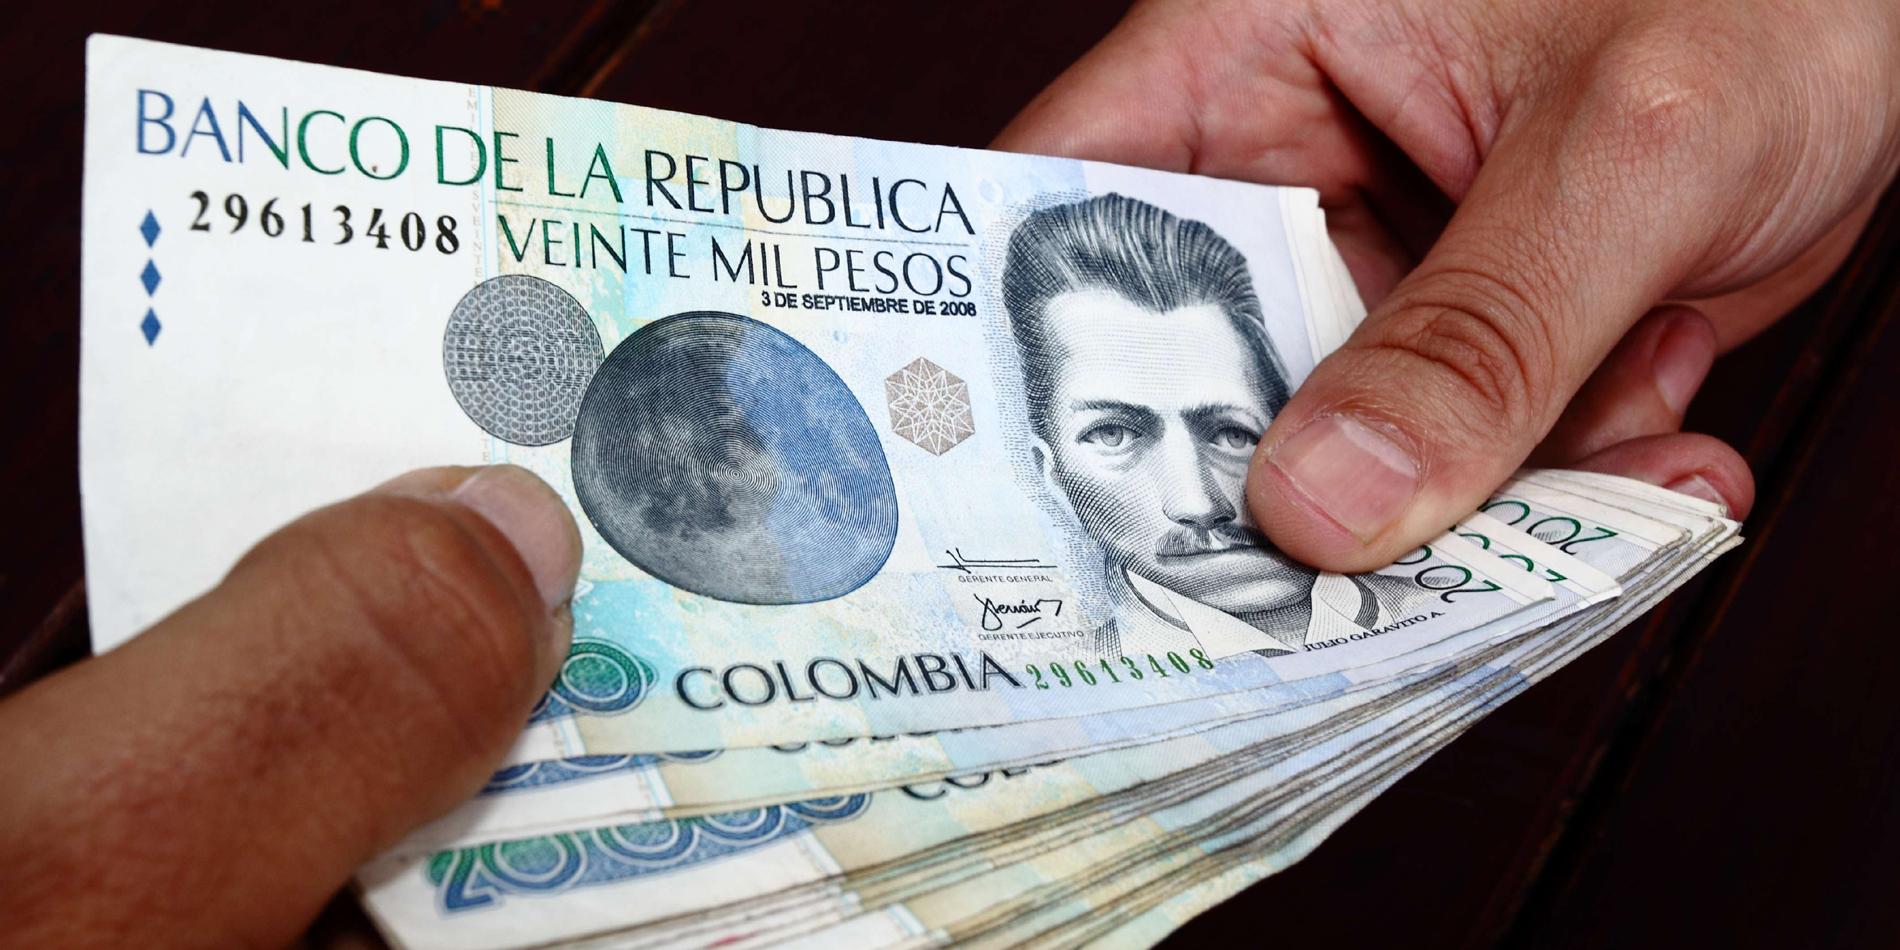 Resultado de imagen para pago con billetes colombianos